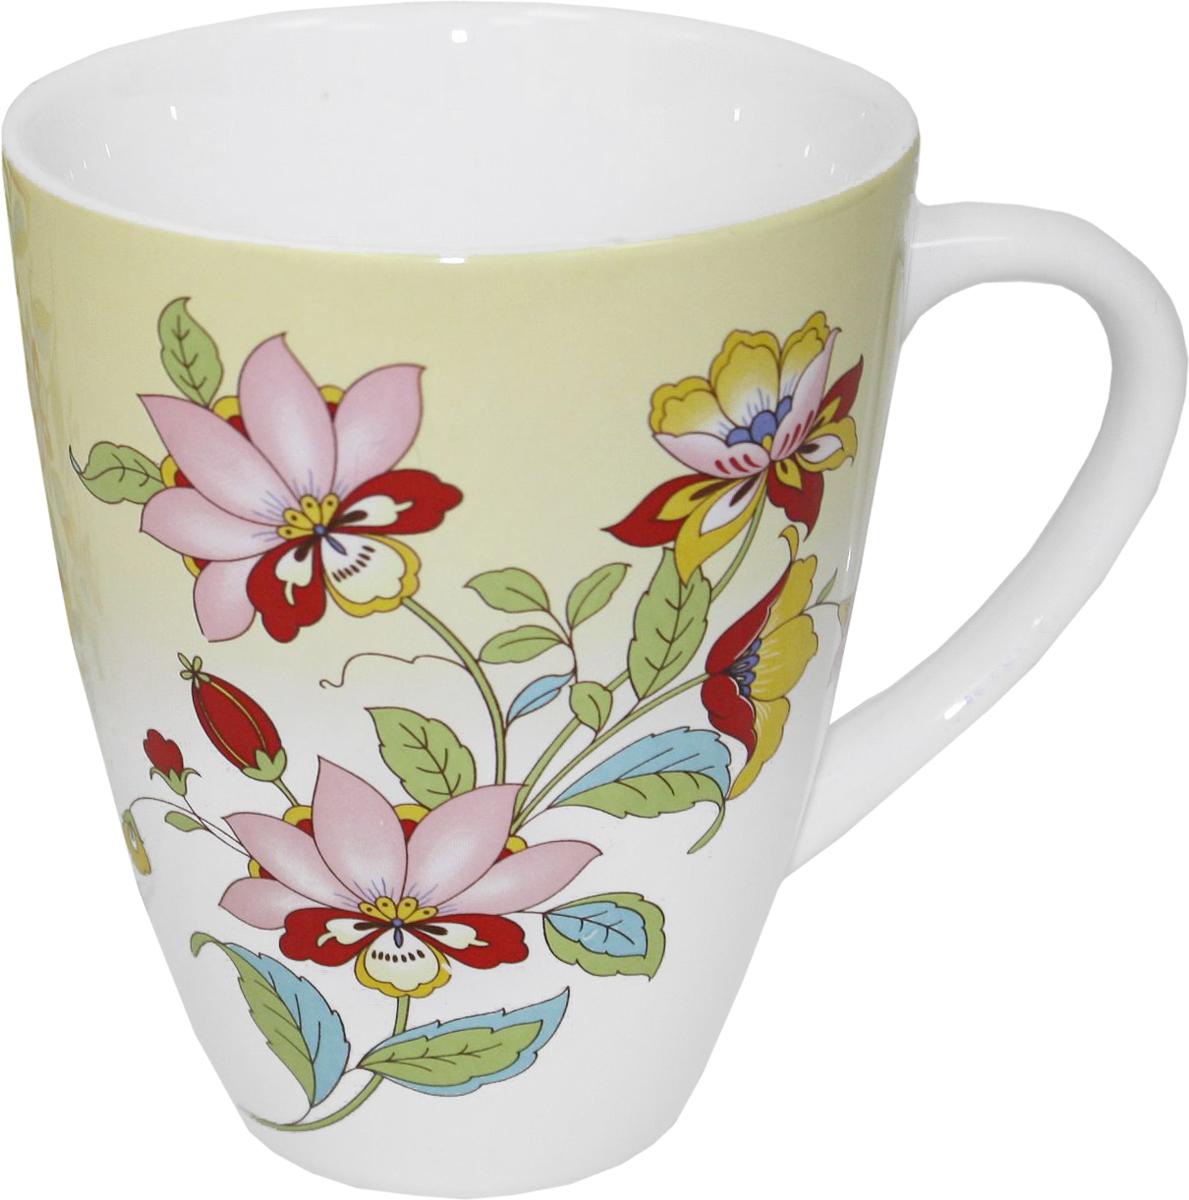 Кружка Azulejo Espanol Ceramica Sunny Flowers, 300 мл216850Кружка Azulejo Espanol Ceramica Sunny Flowers сочетает в себе кухонную практичность и декоративную утонченность.Кружка оформлена художественной печатью и станет отличным украшением вашего интерьера.